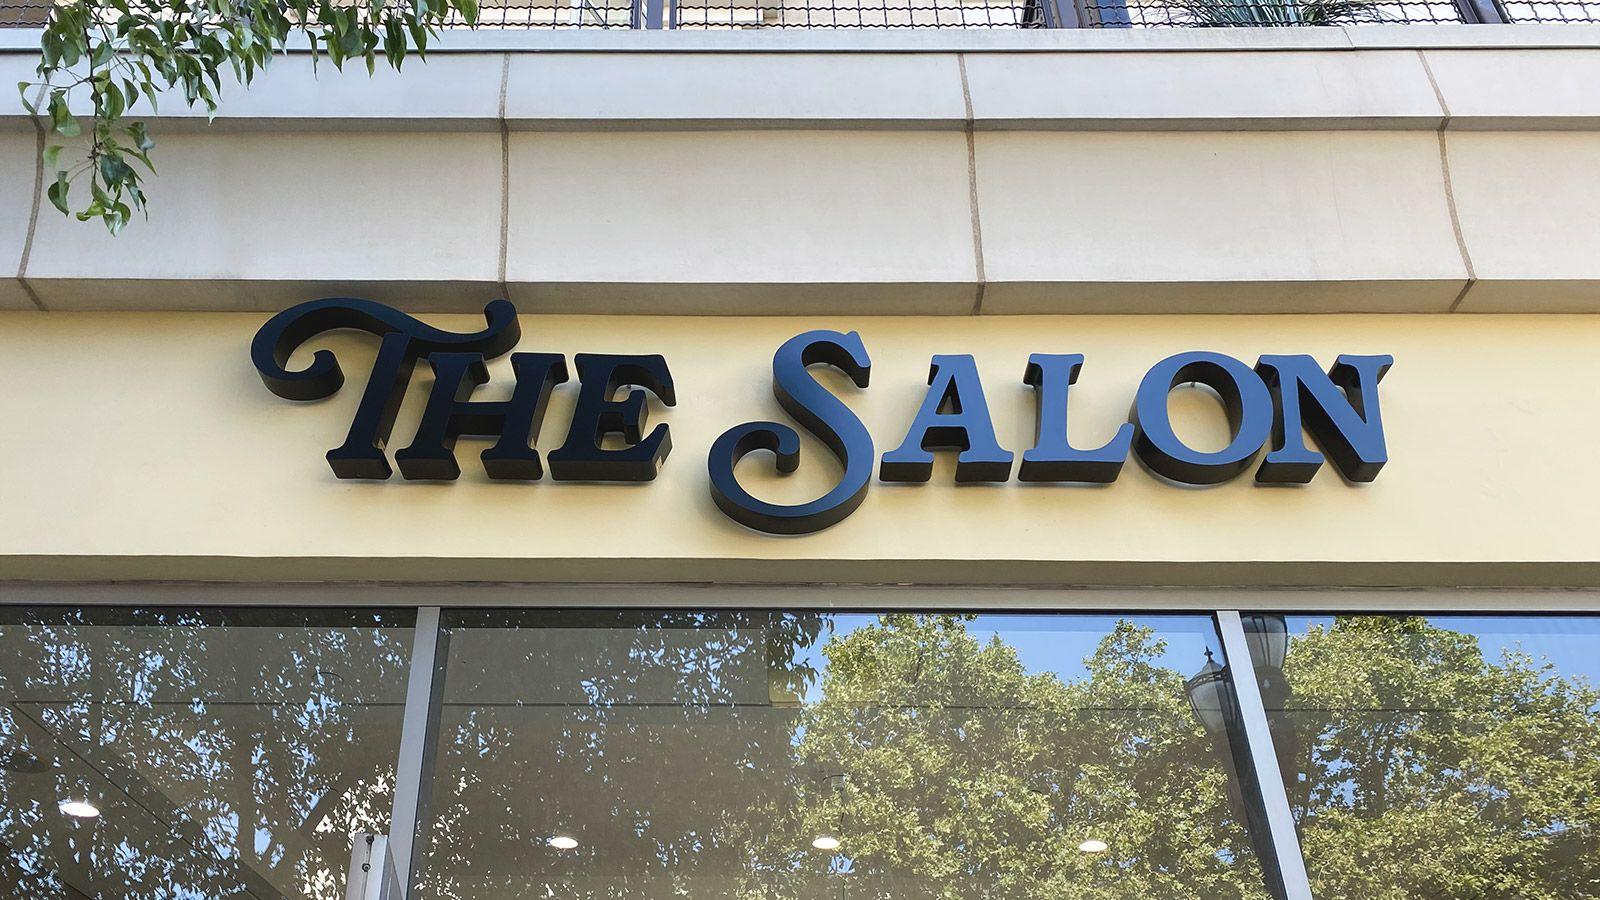 the salon channel letters